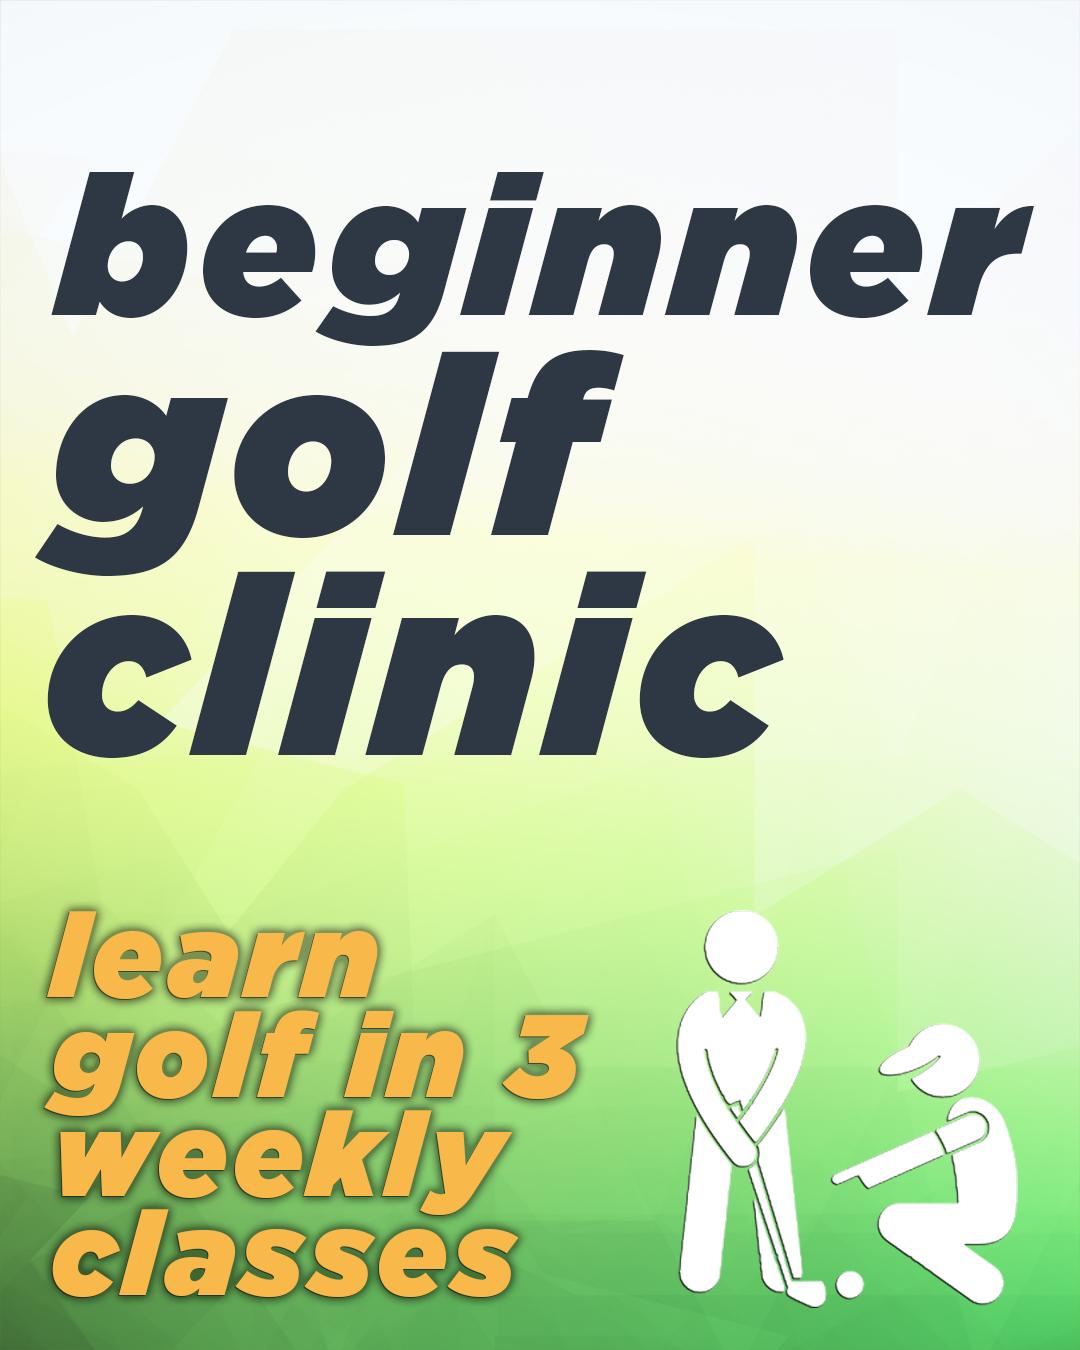 Beginner Golf Clinic VGCB